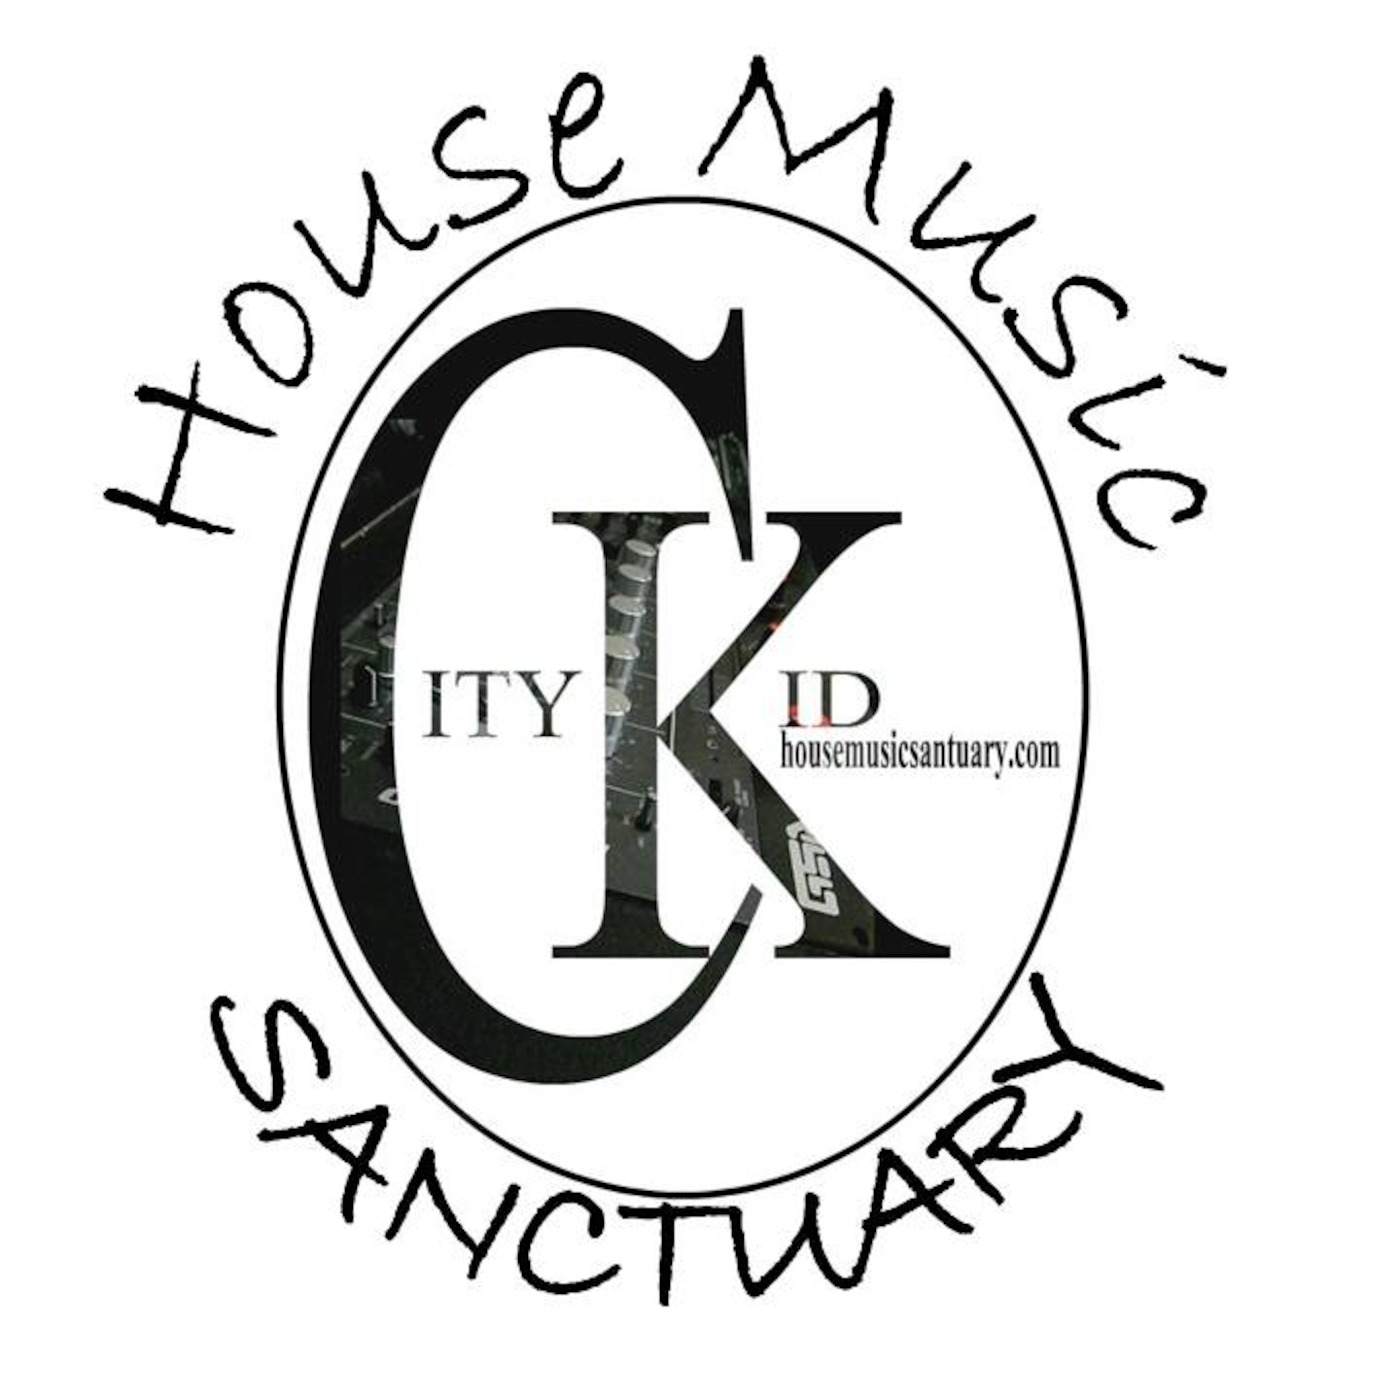 Citykid's podcast